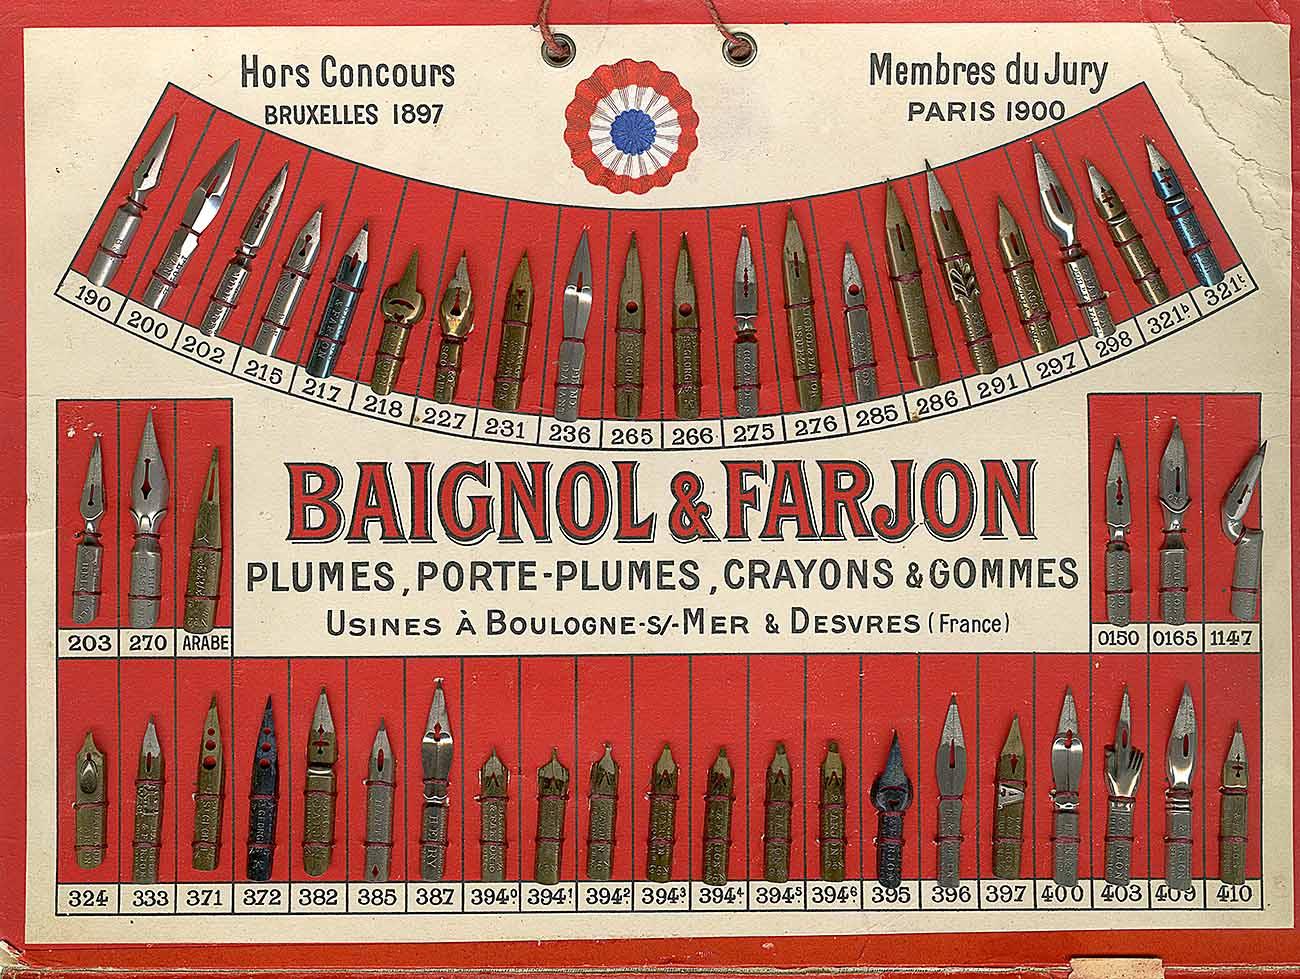 Baignol & Farjon Презентуар